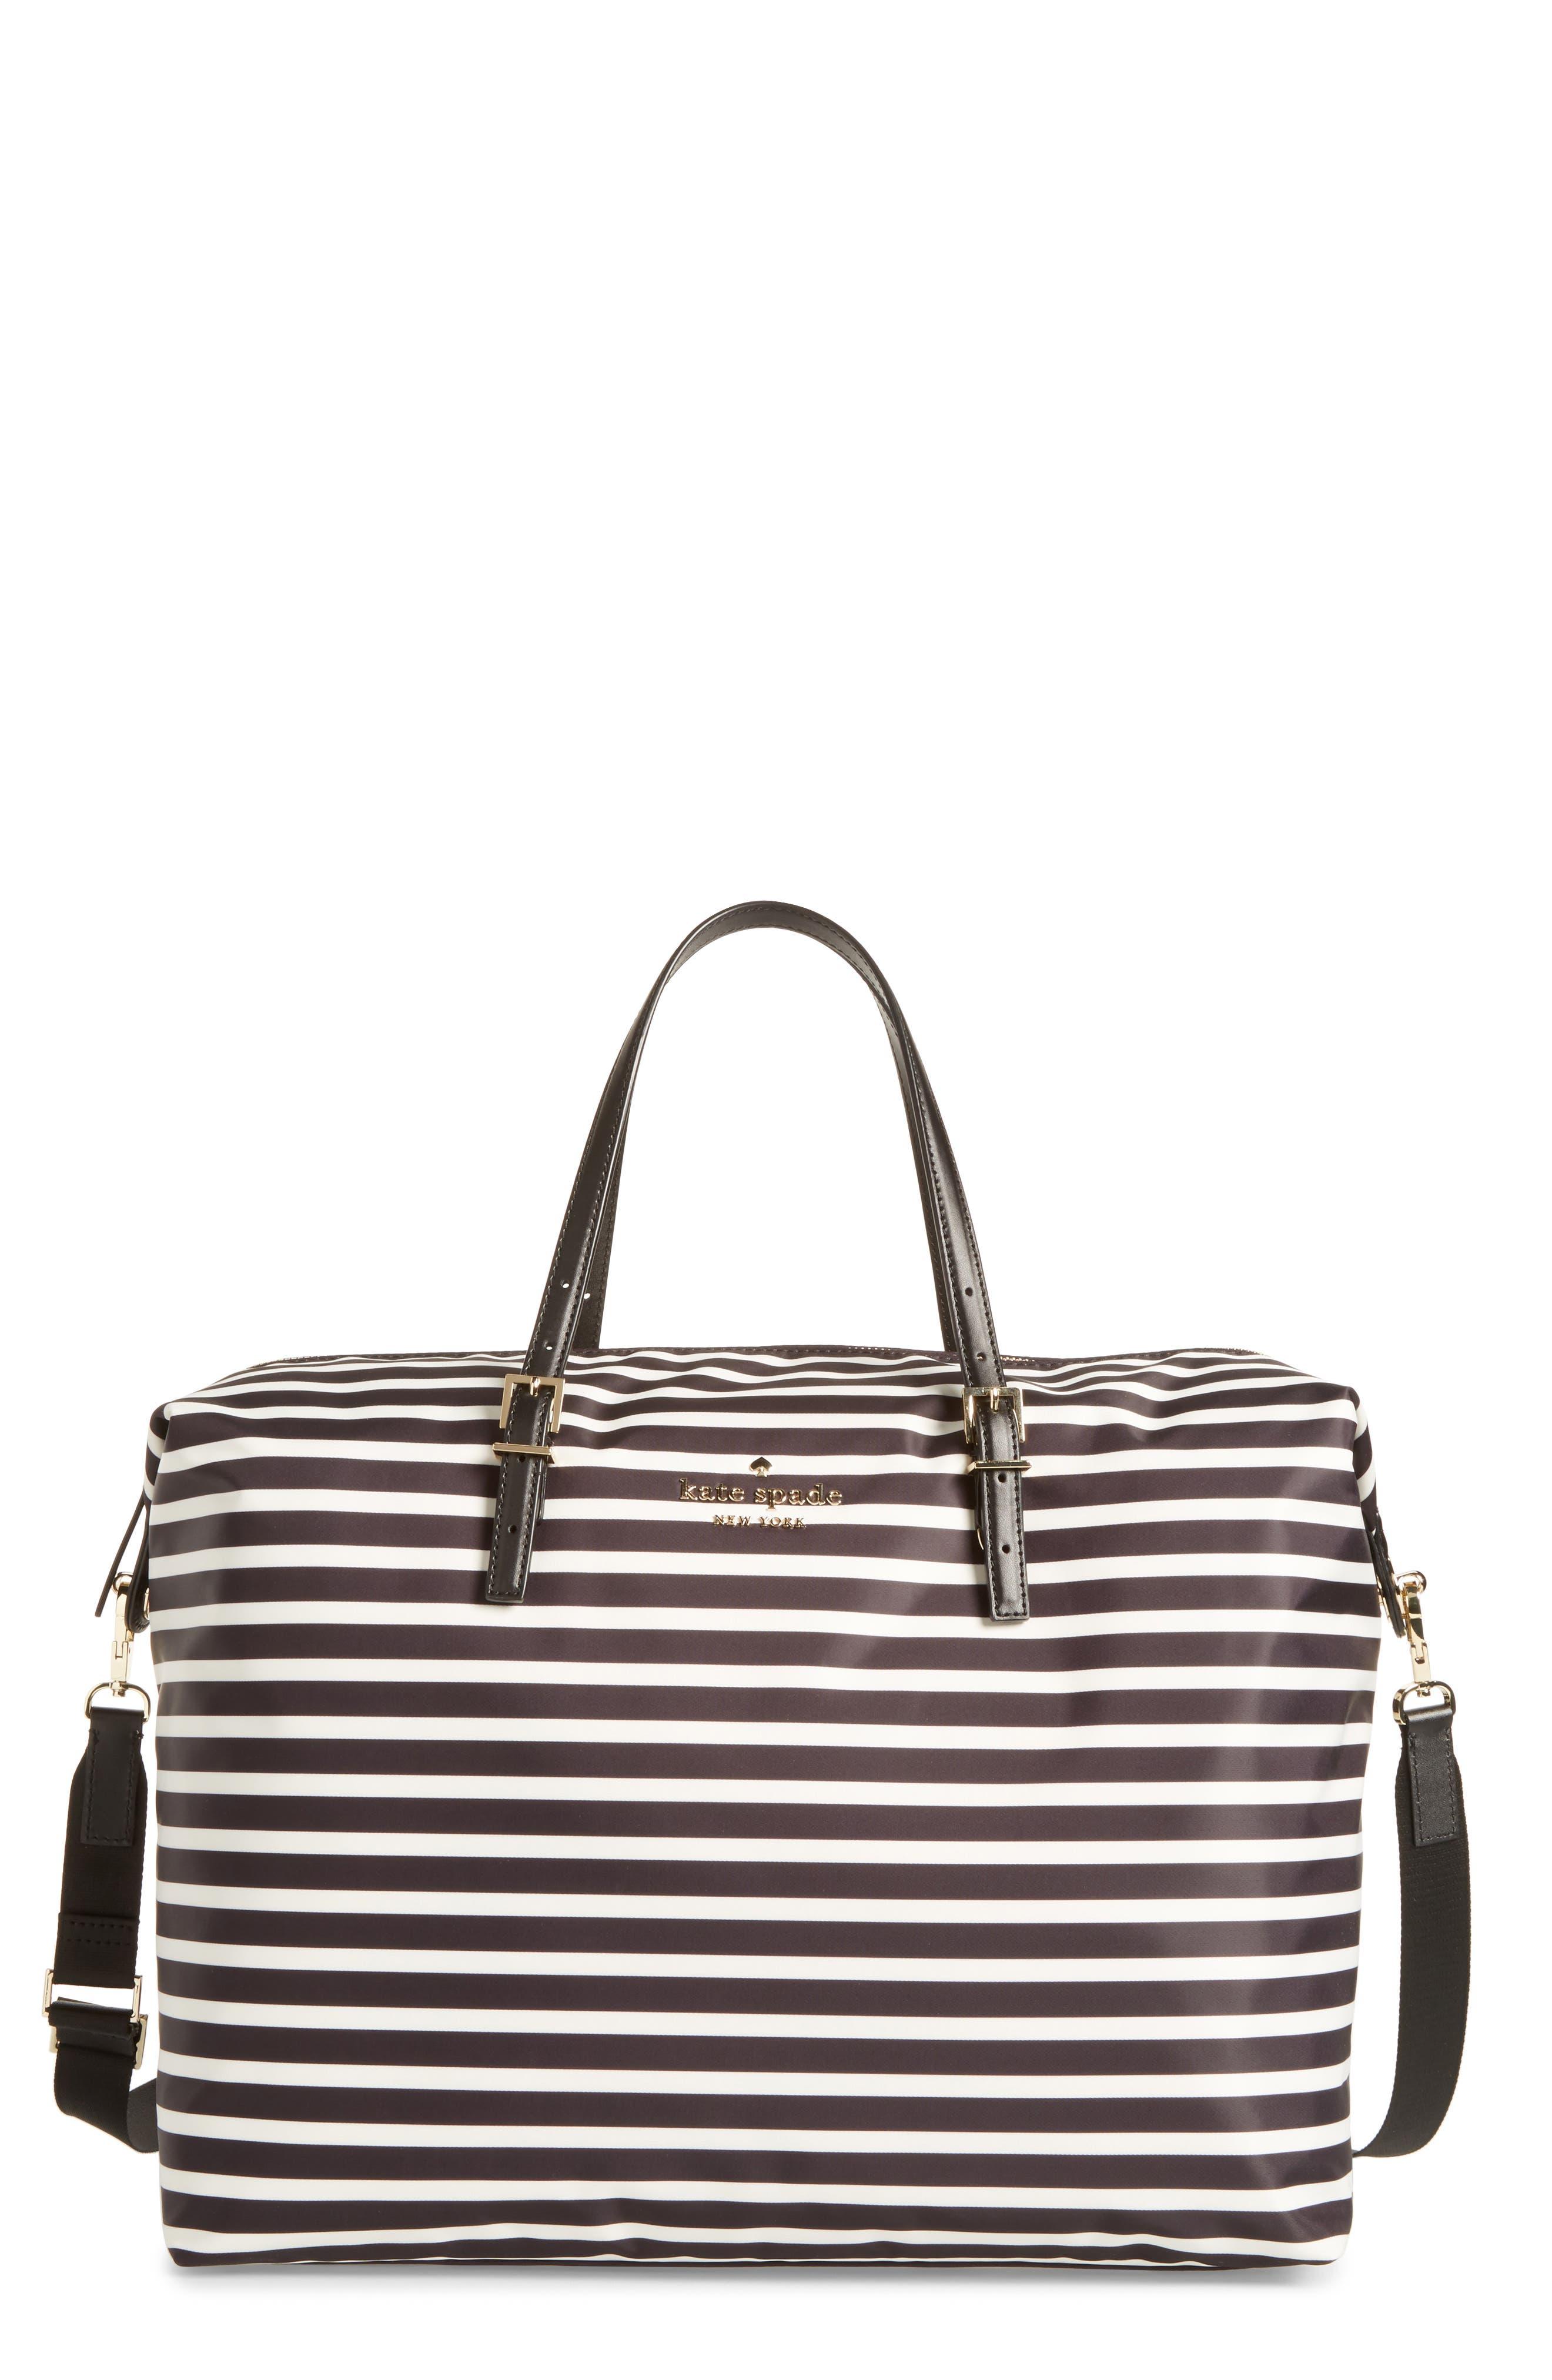 watson lane lyla stripe nylon tote,                         Main,                         color, Black/ Clotted Cream